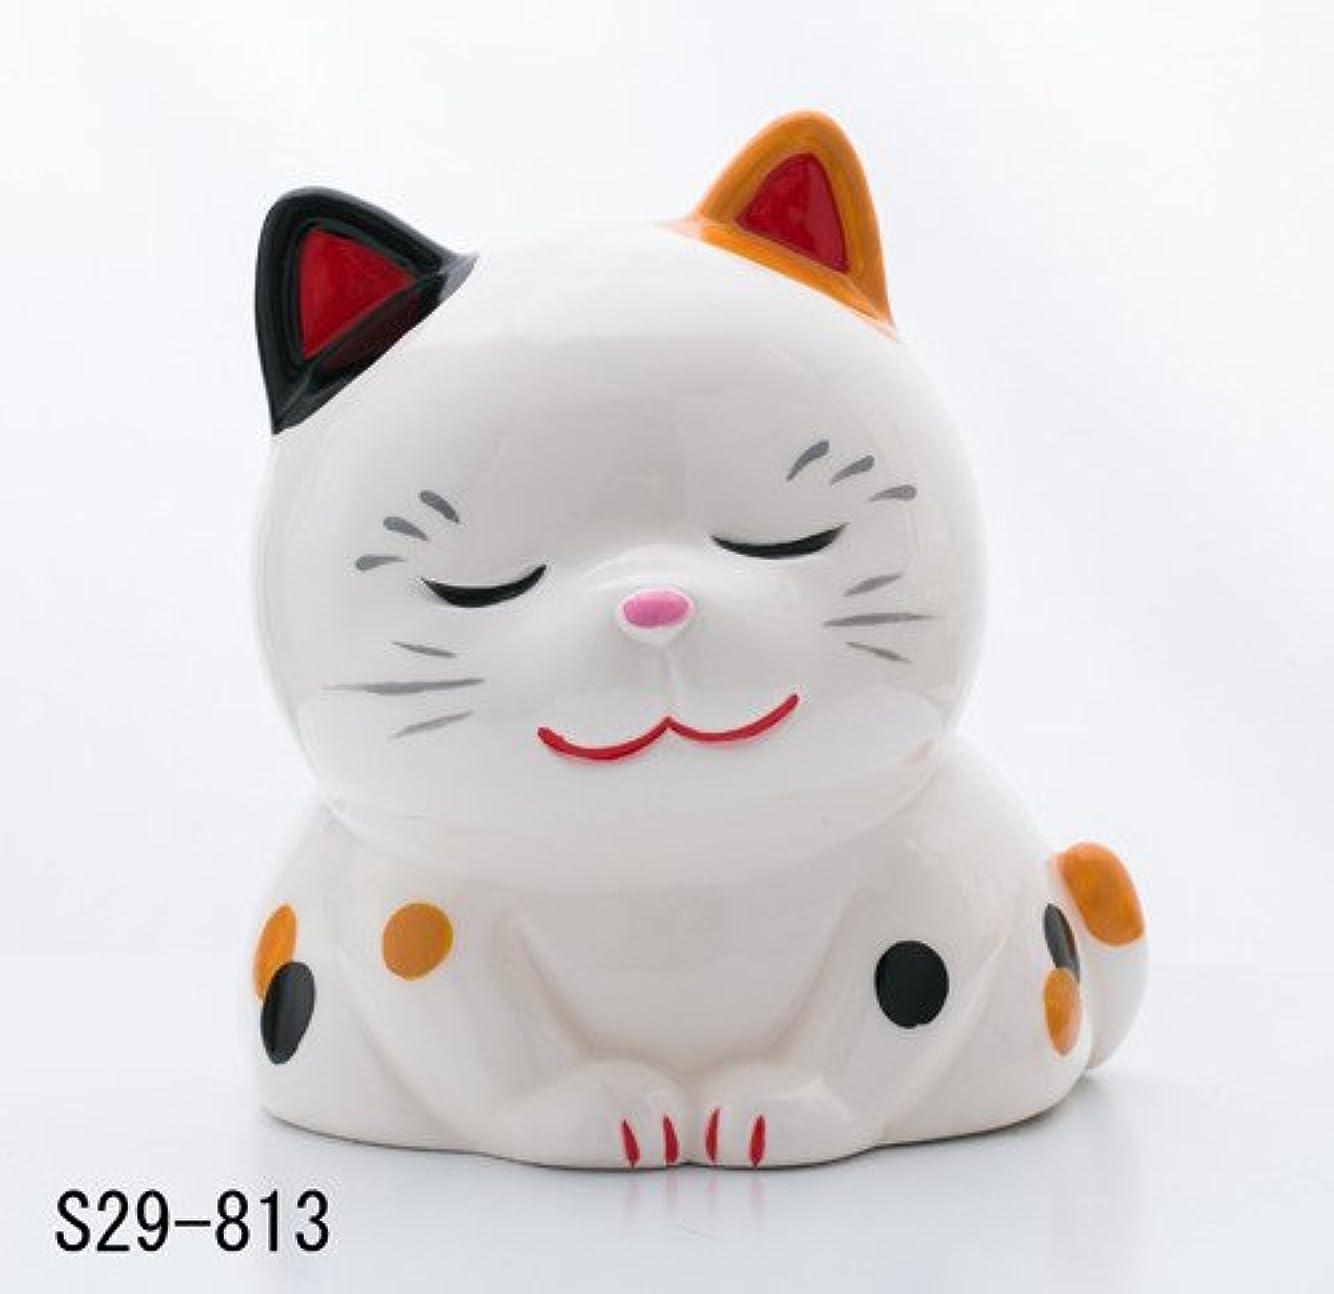 太い国際順番蚊遣器 おいでやす猫(みけ) s29-813